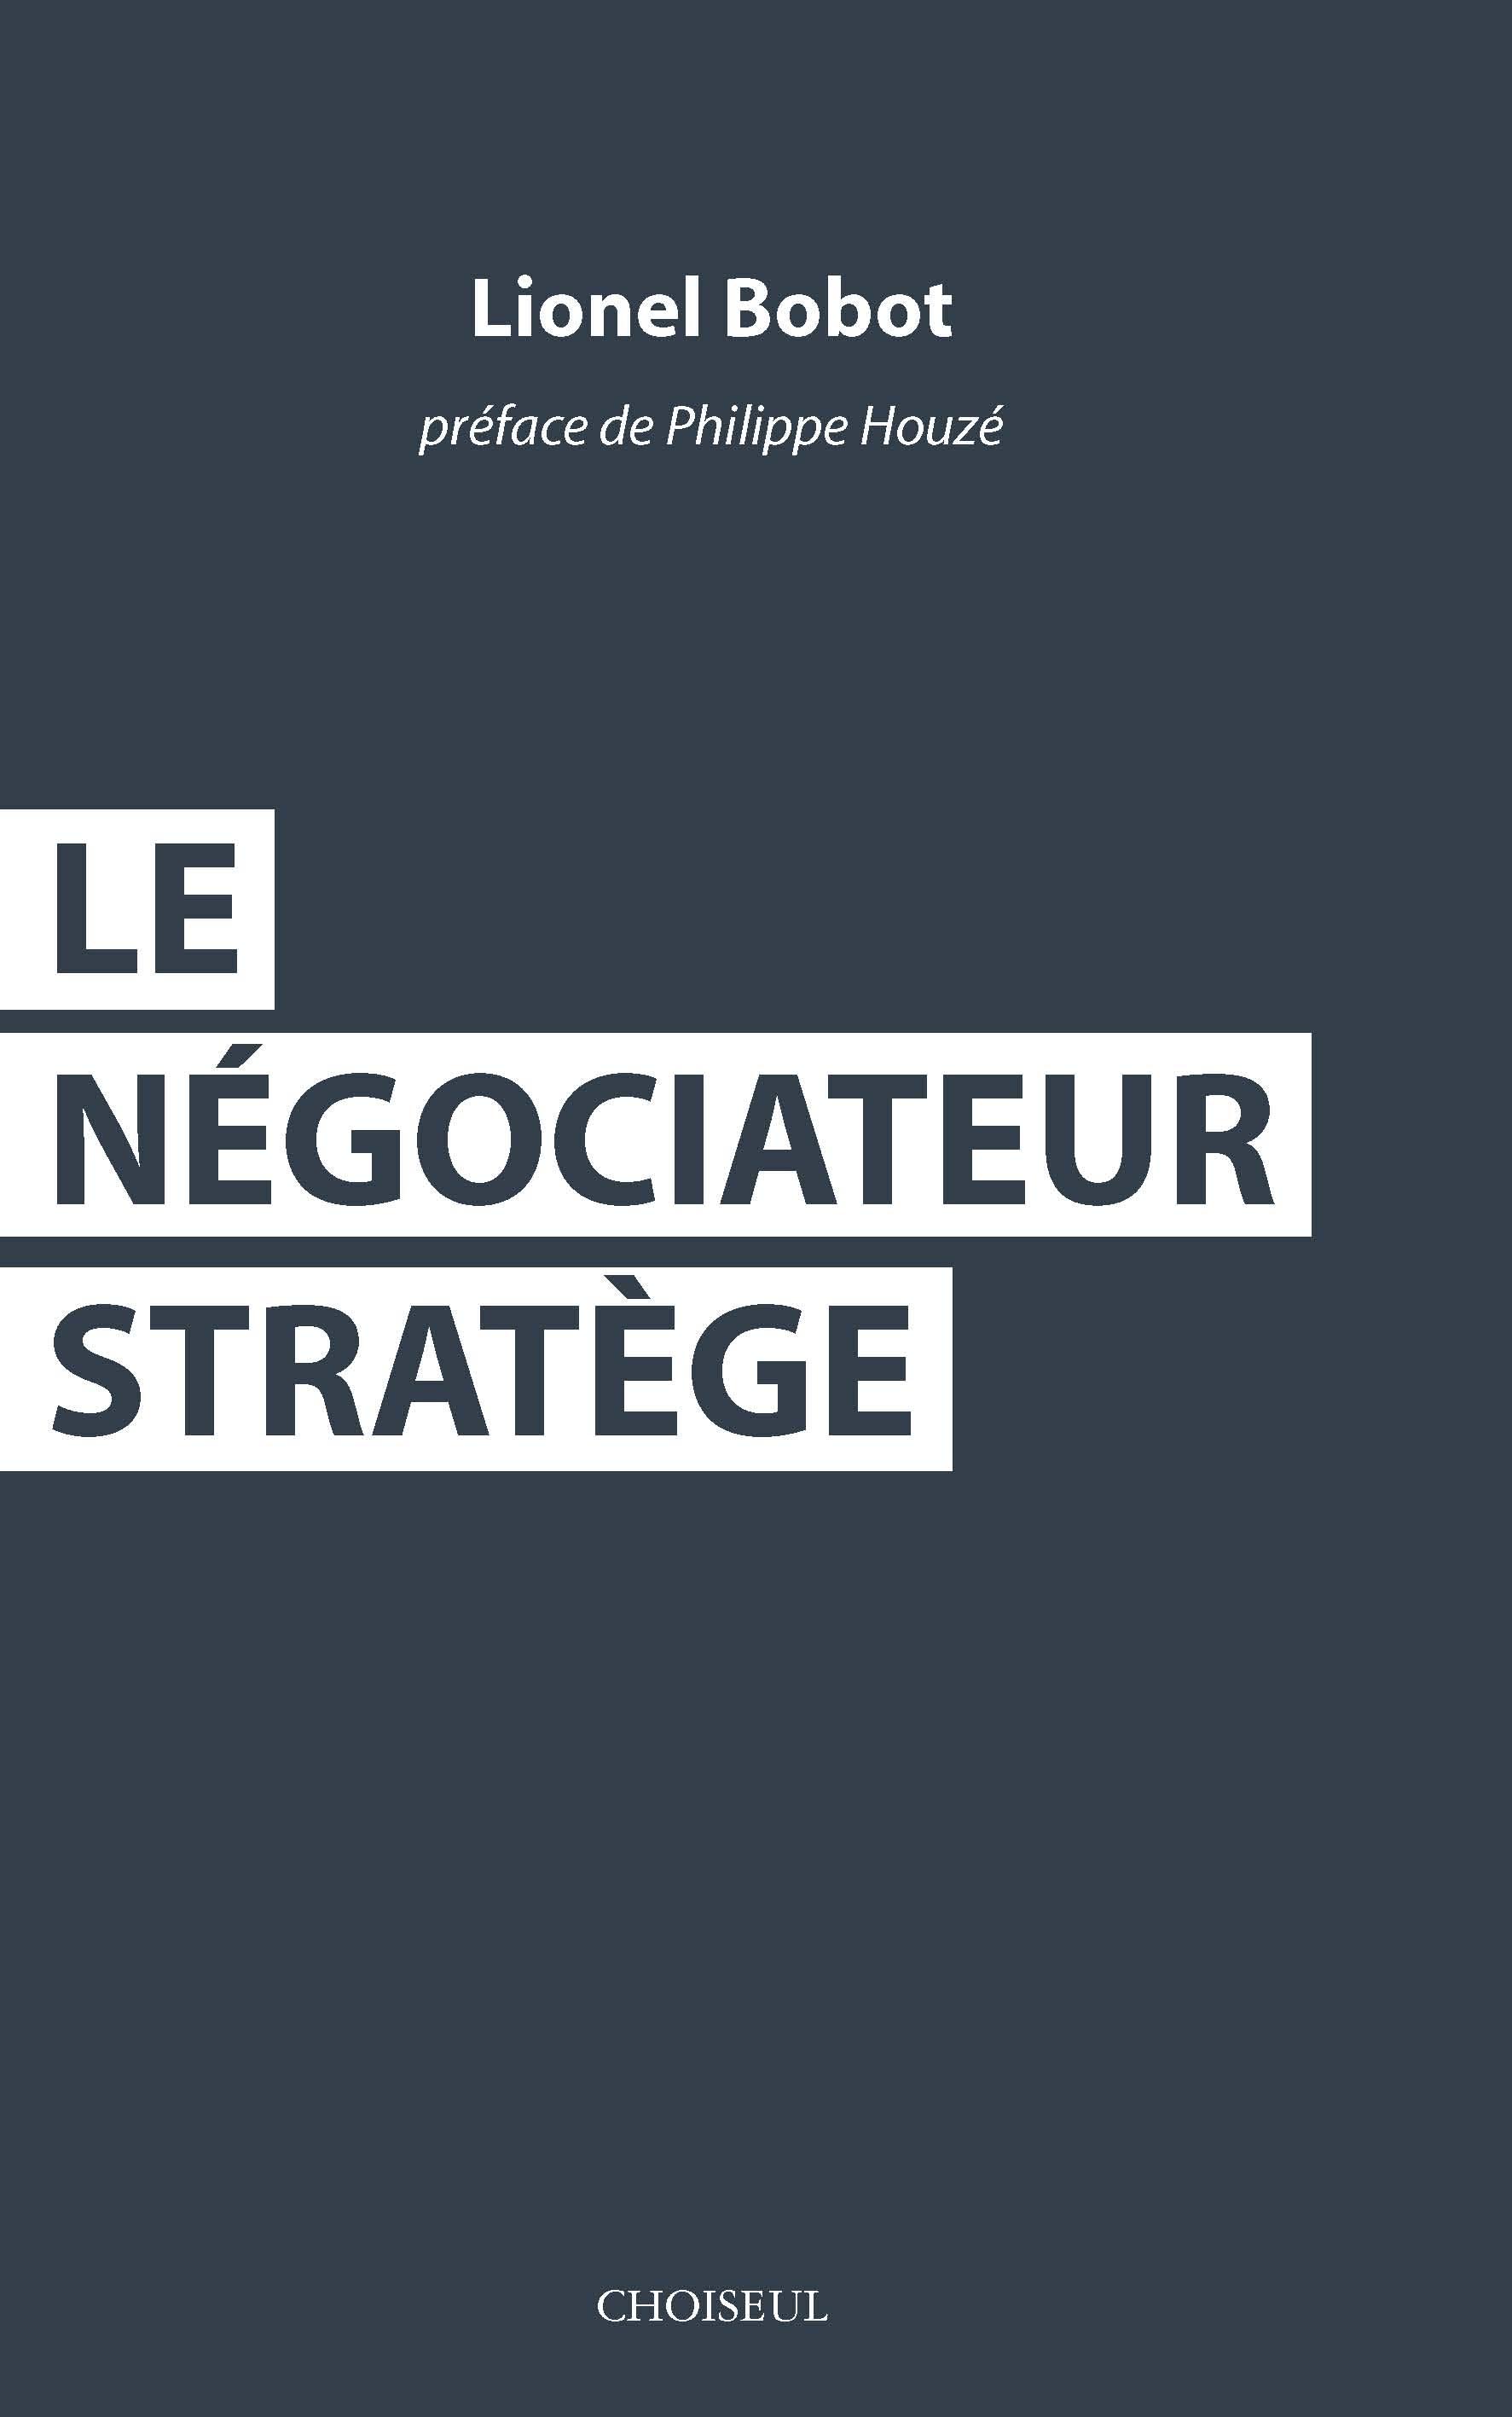 Le négociateur stratège